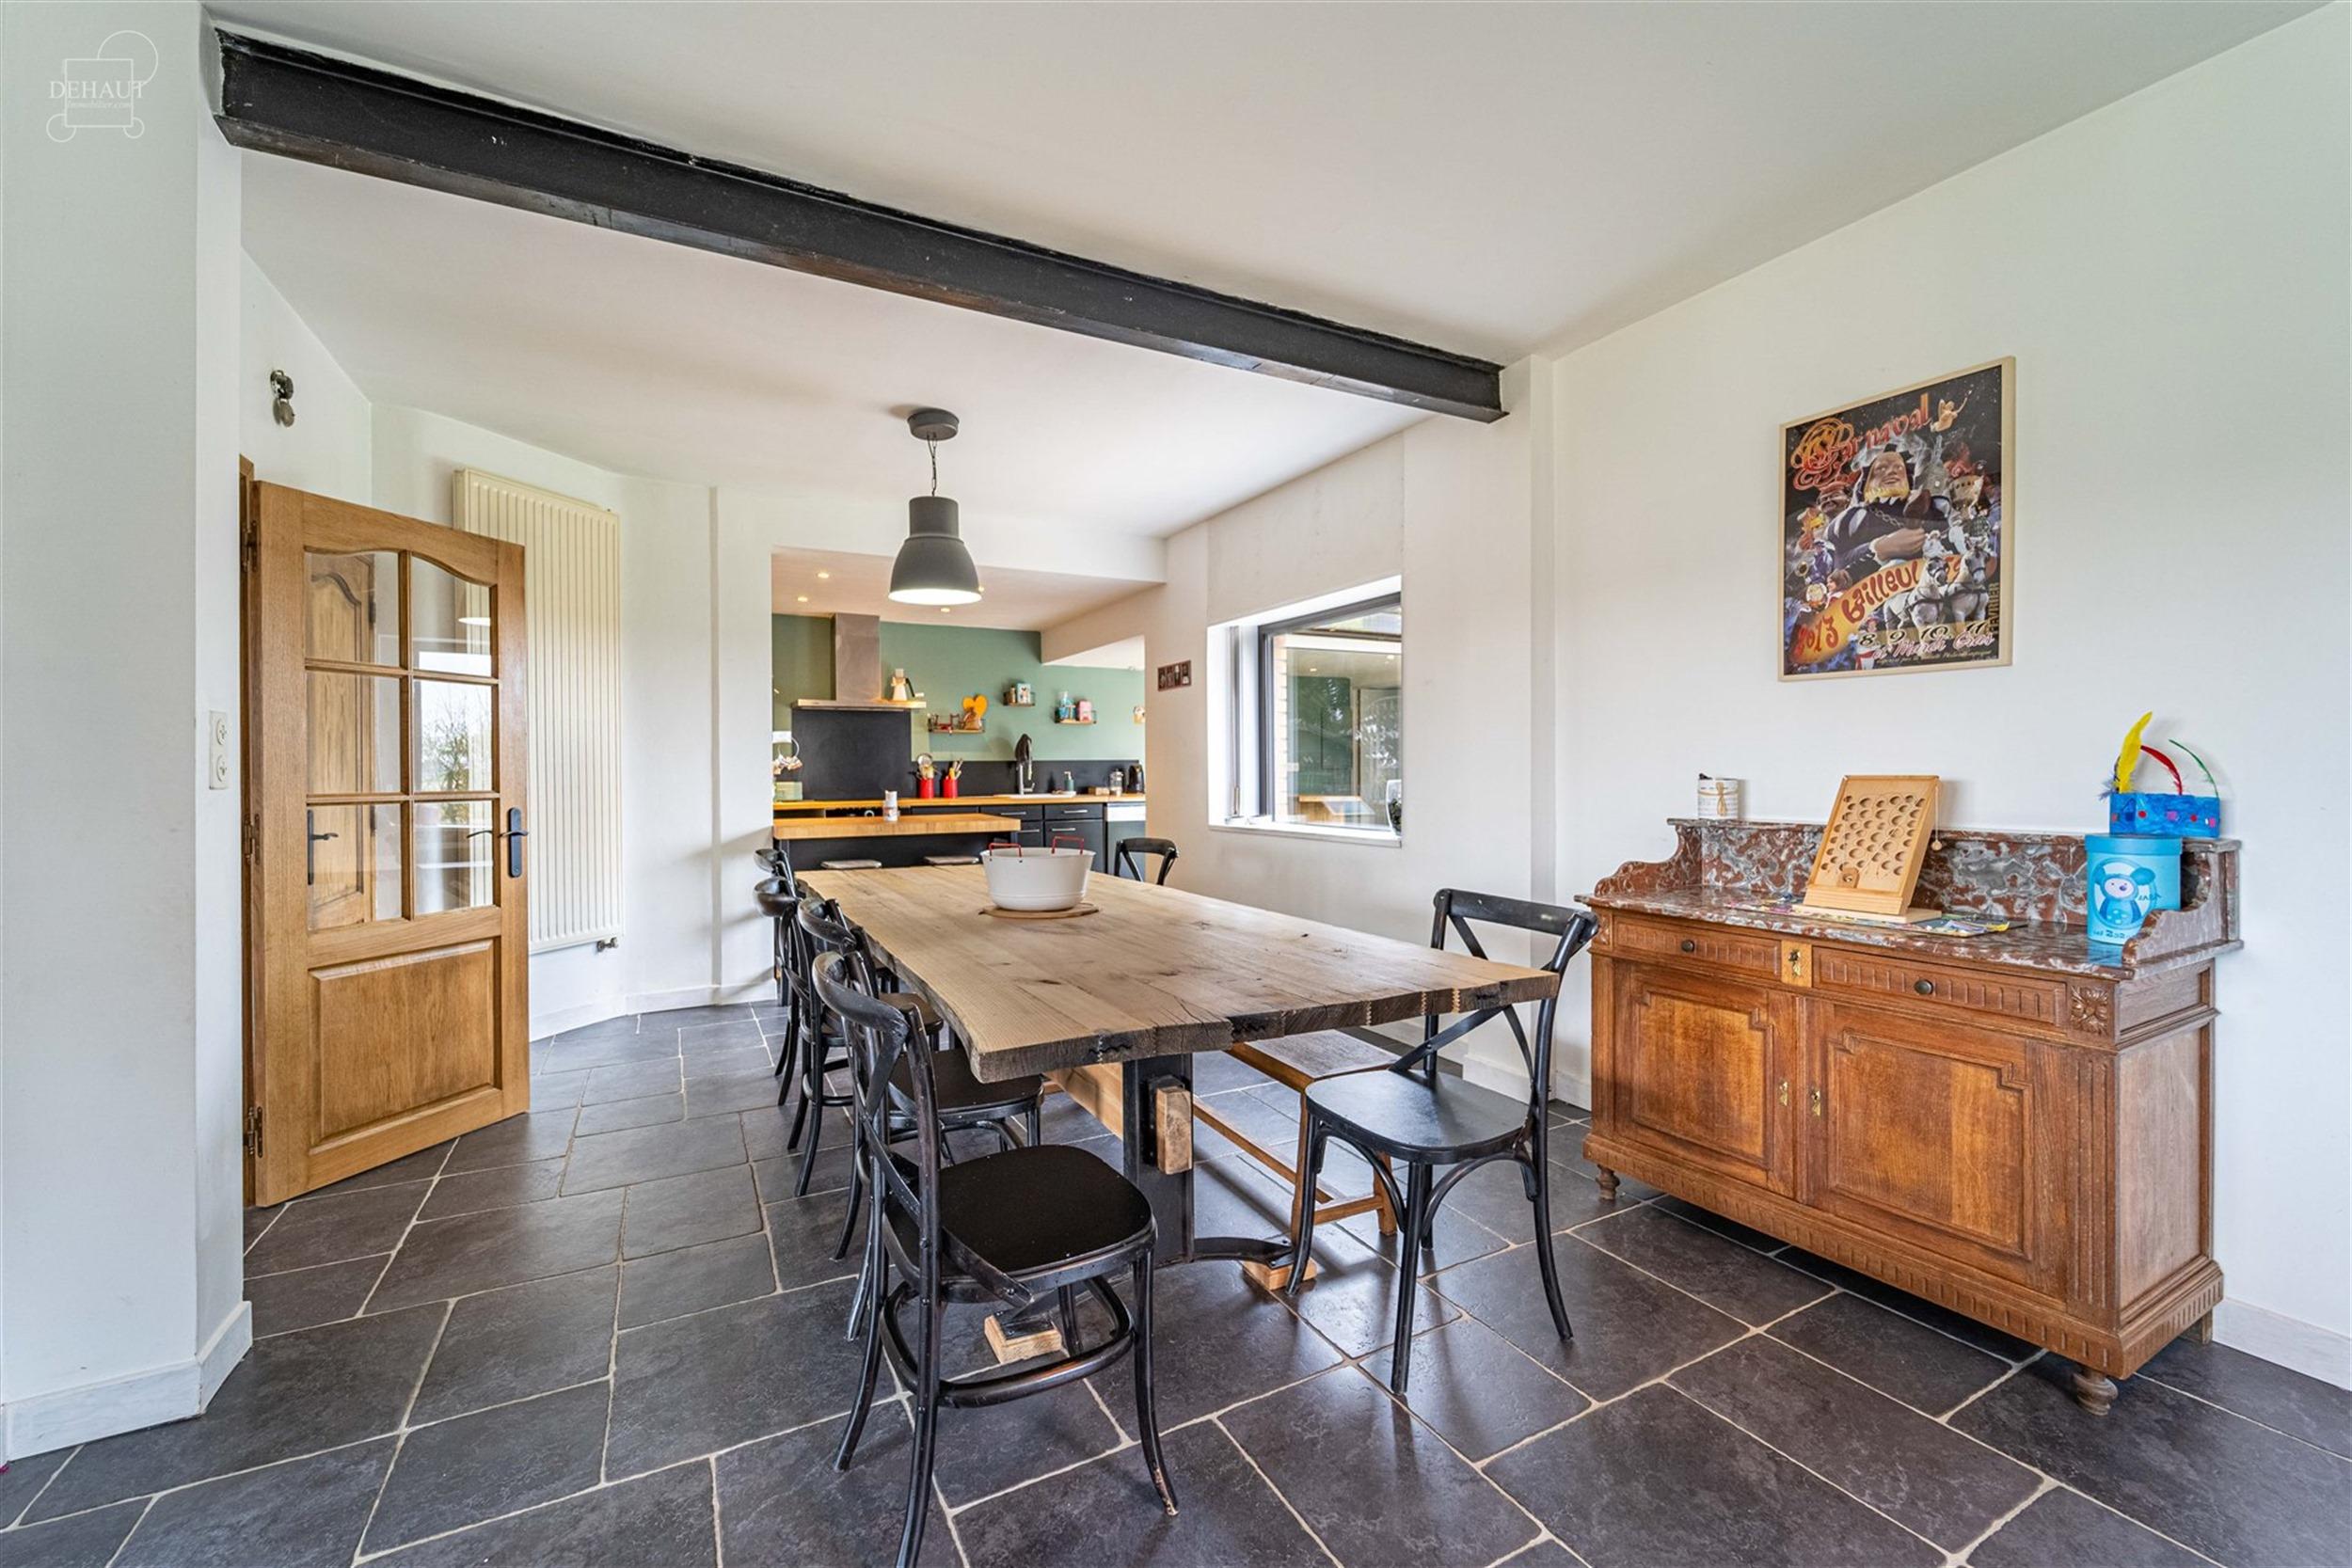 Superbe maison semi individuelle avec garage et parking privé en devanture. Comprend au rez-de-chaussée : un hall d'entrée, un spacieux séjour ouv...